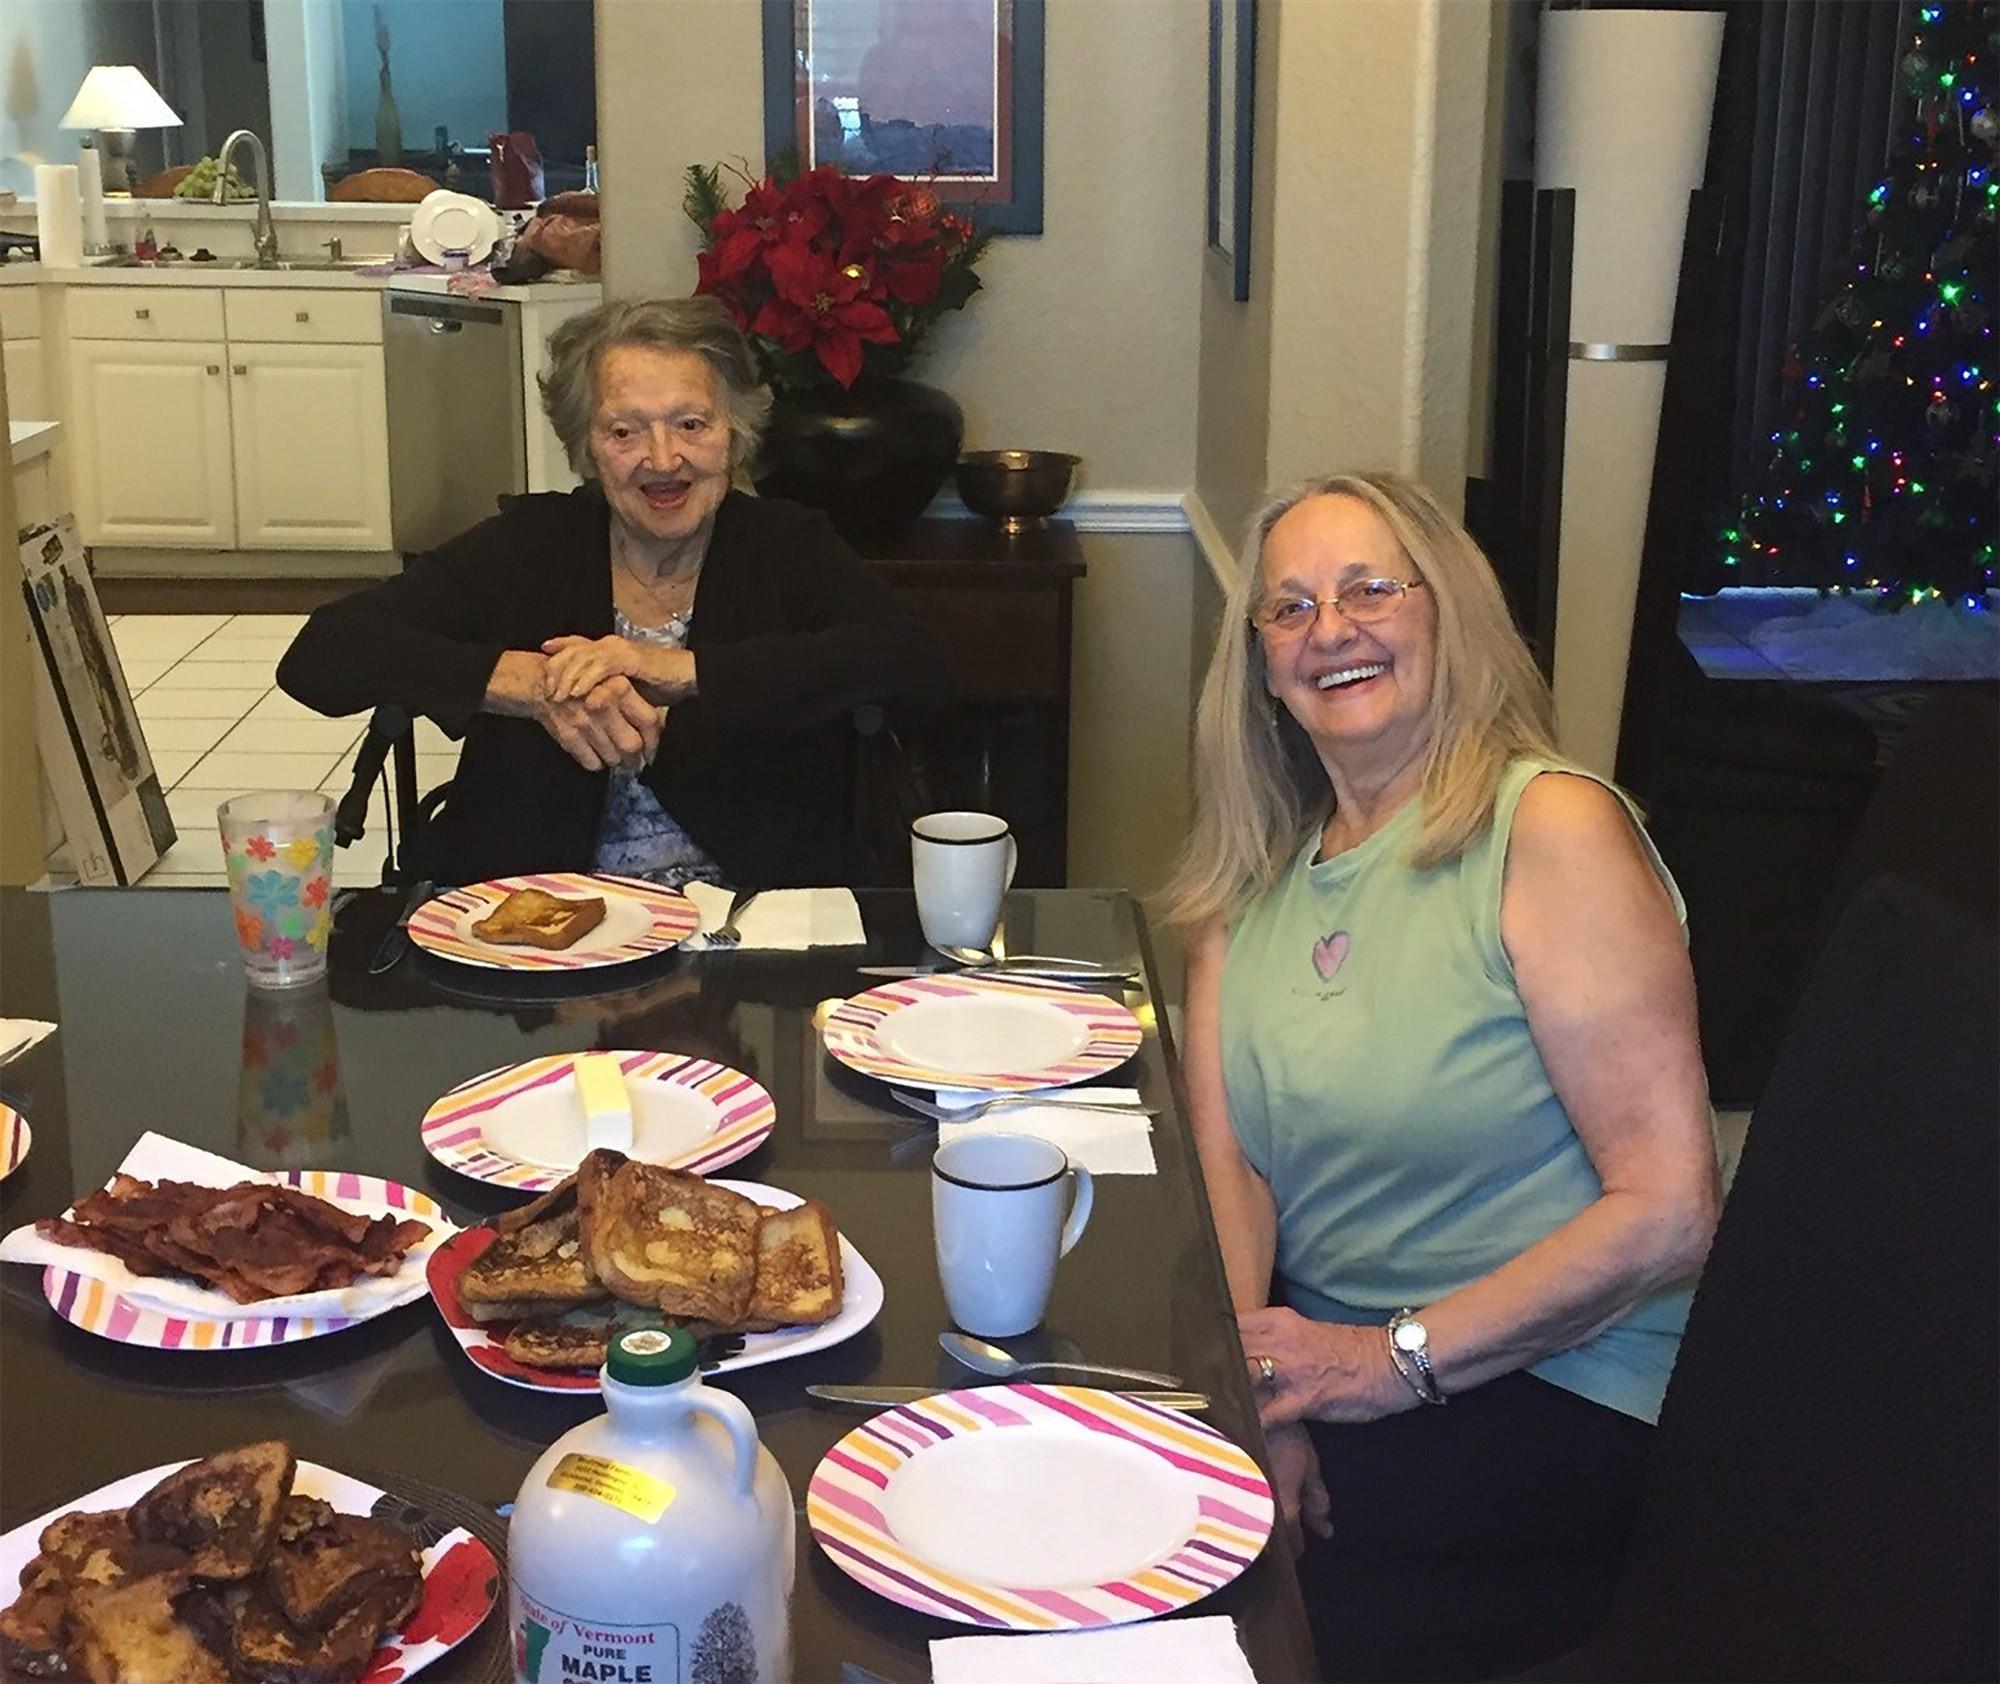 Genevieve Purinton e a filha Connei Moultroup finalmente fazem uma refeição juntas (Crédito: Reprodução/ Instagram)